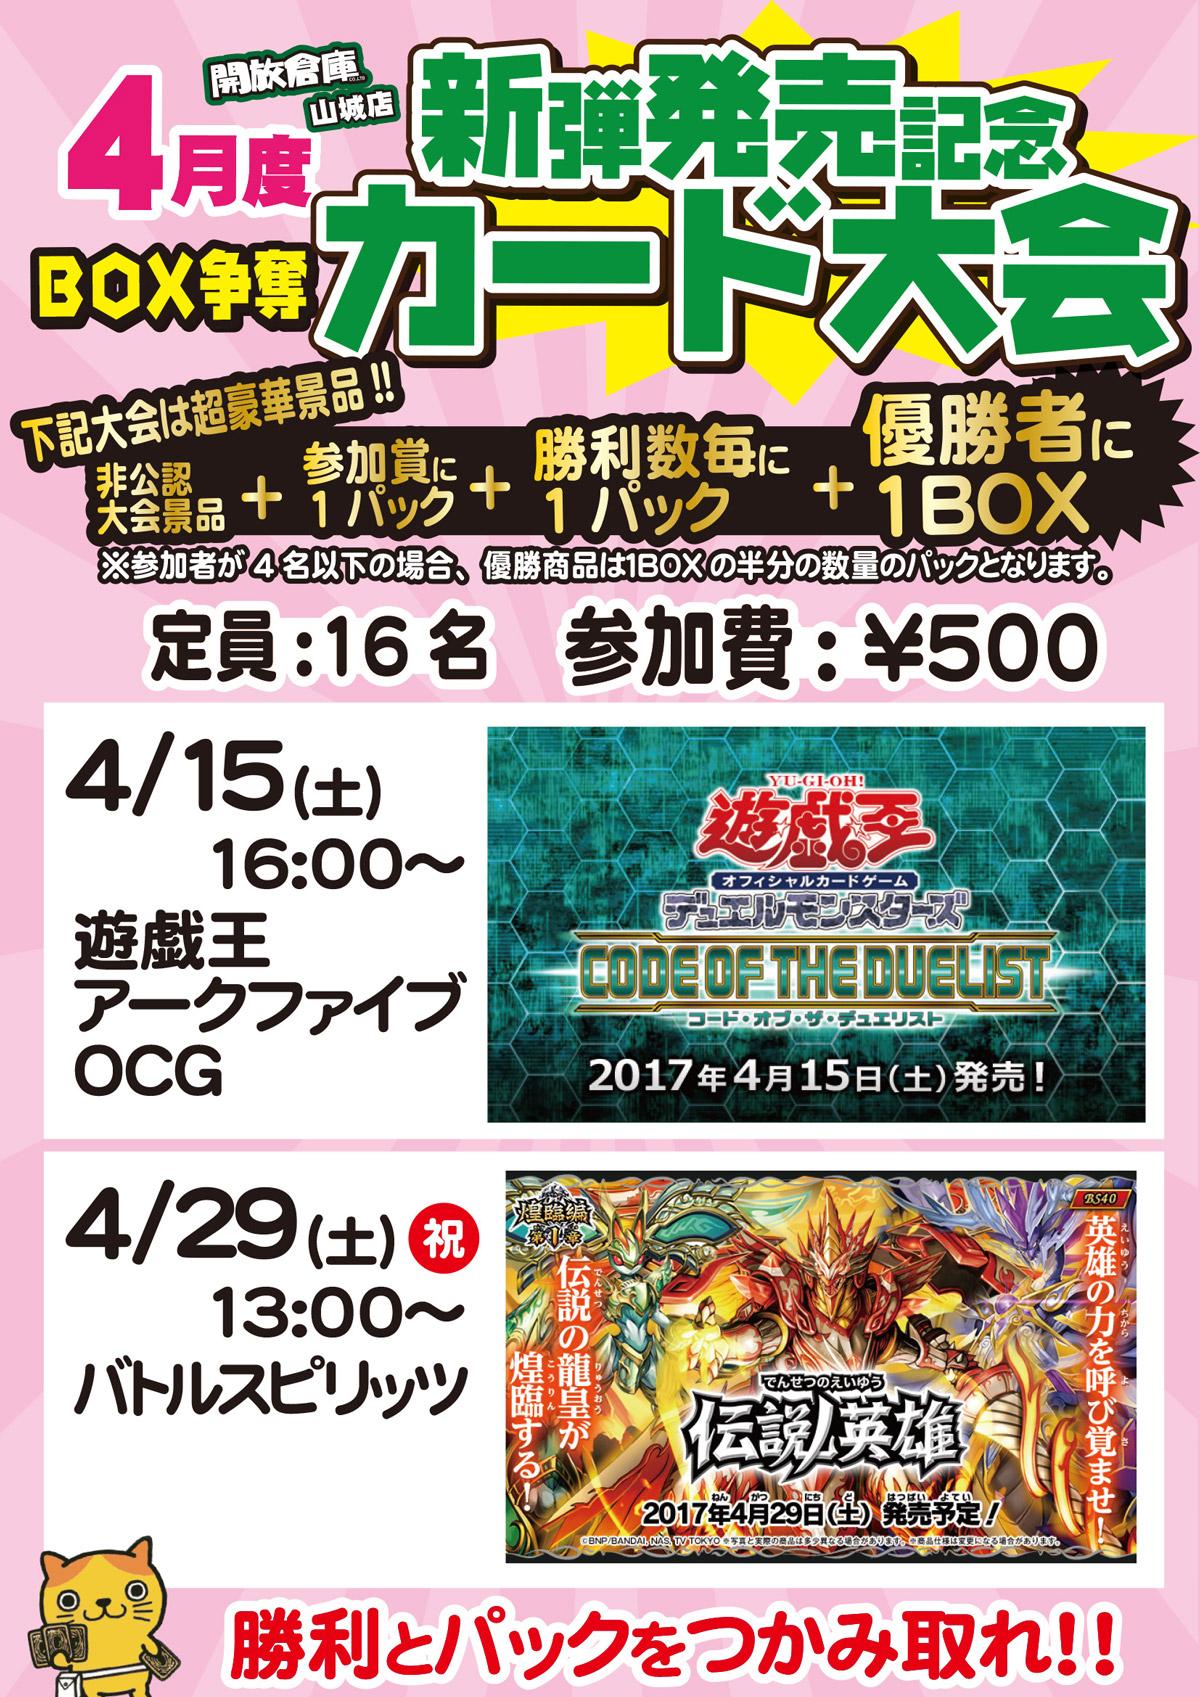 「開放倉庫山城店」2017年4月度、BOX争奪新弾発売記念カード大会告知!